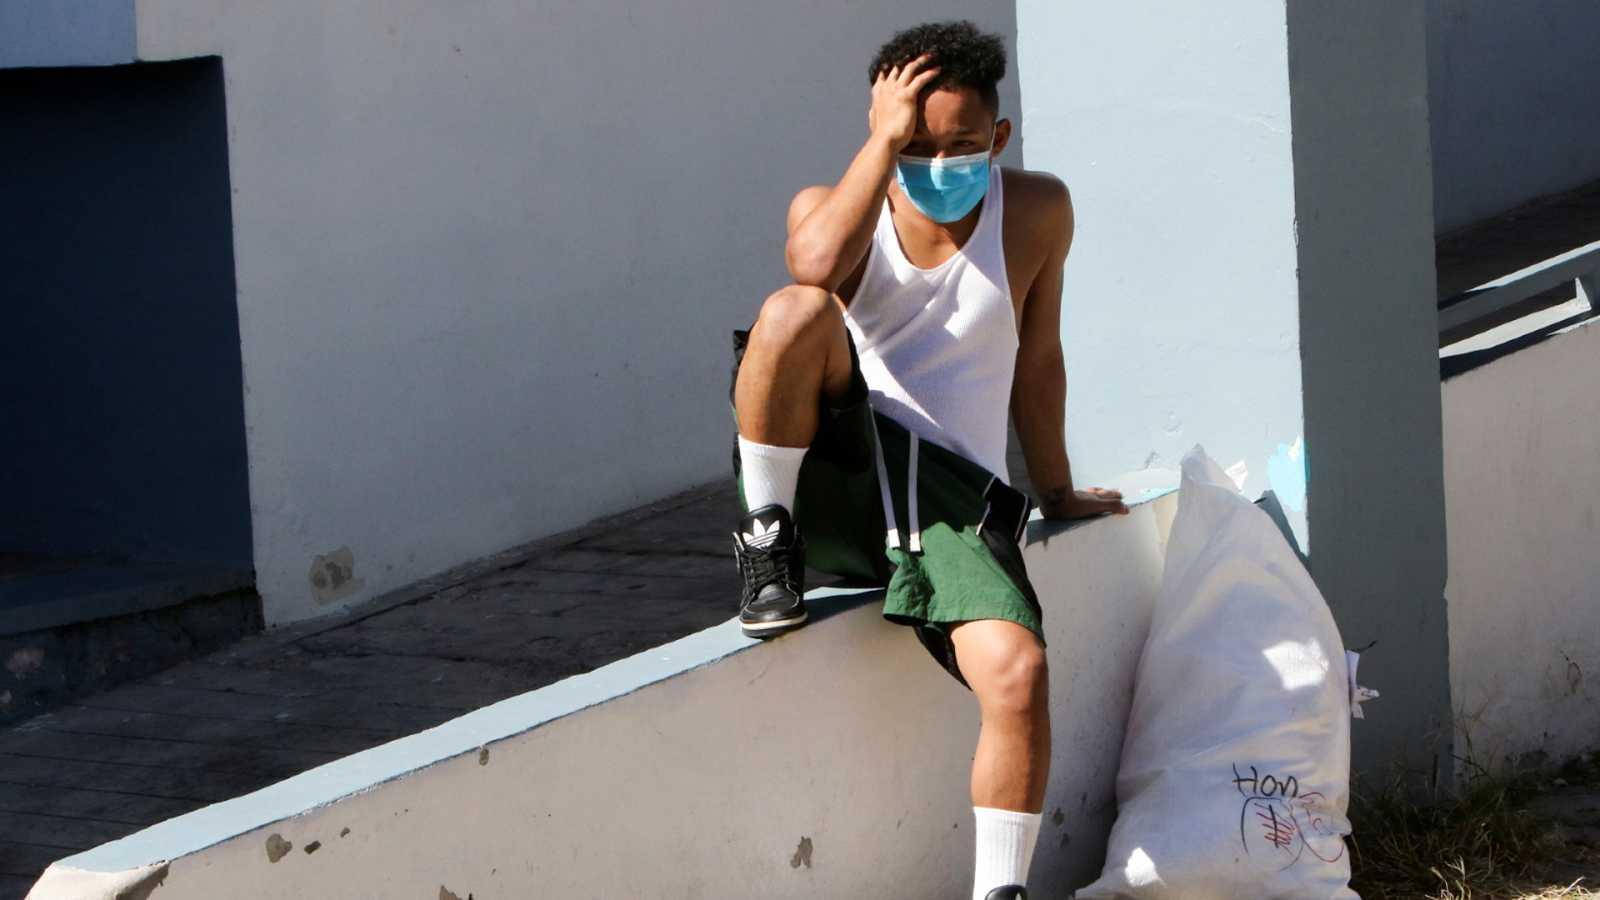 Reportajes 5 Continentes - Crisis económica, sanitaria y social en Honduras - Escuchar ahora